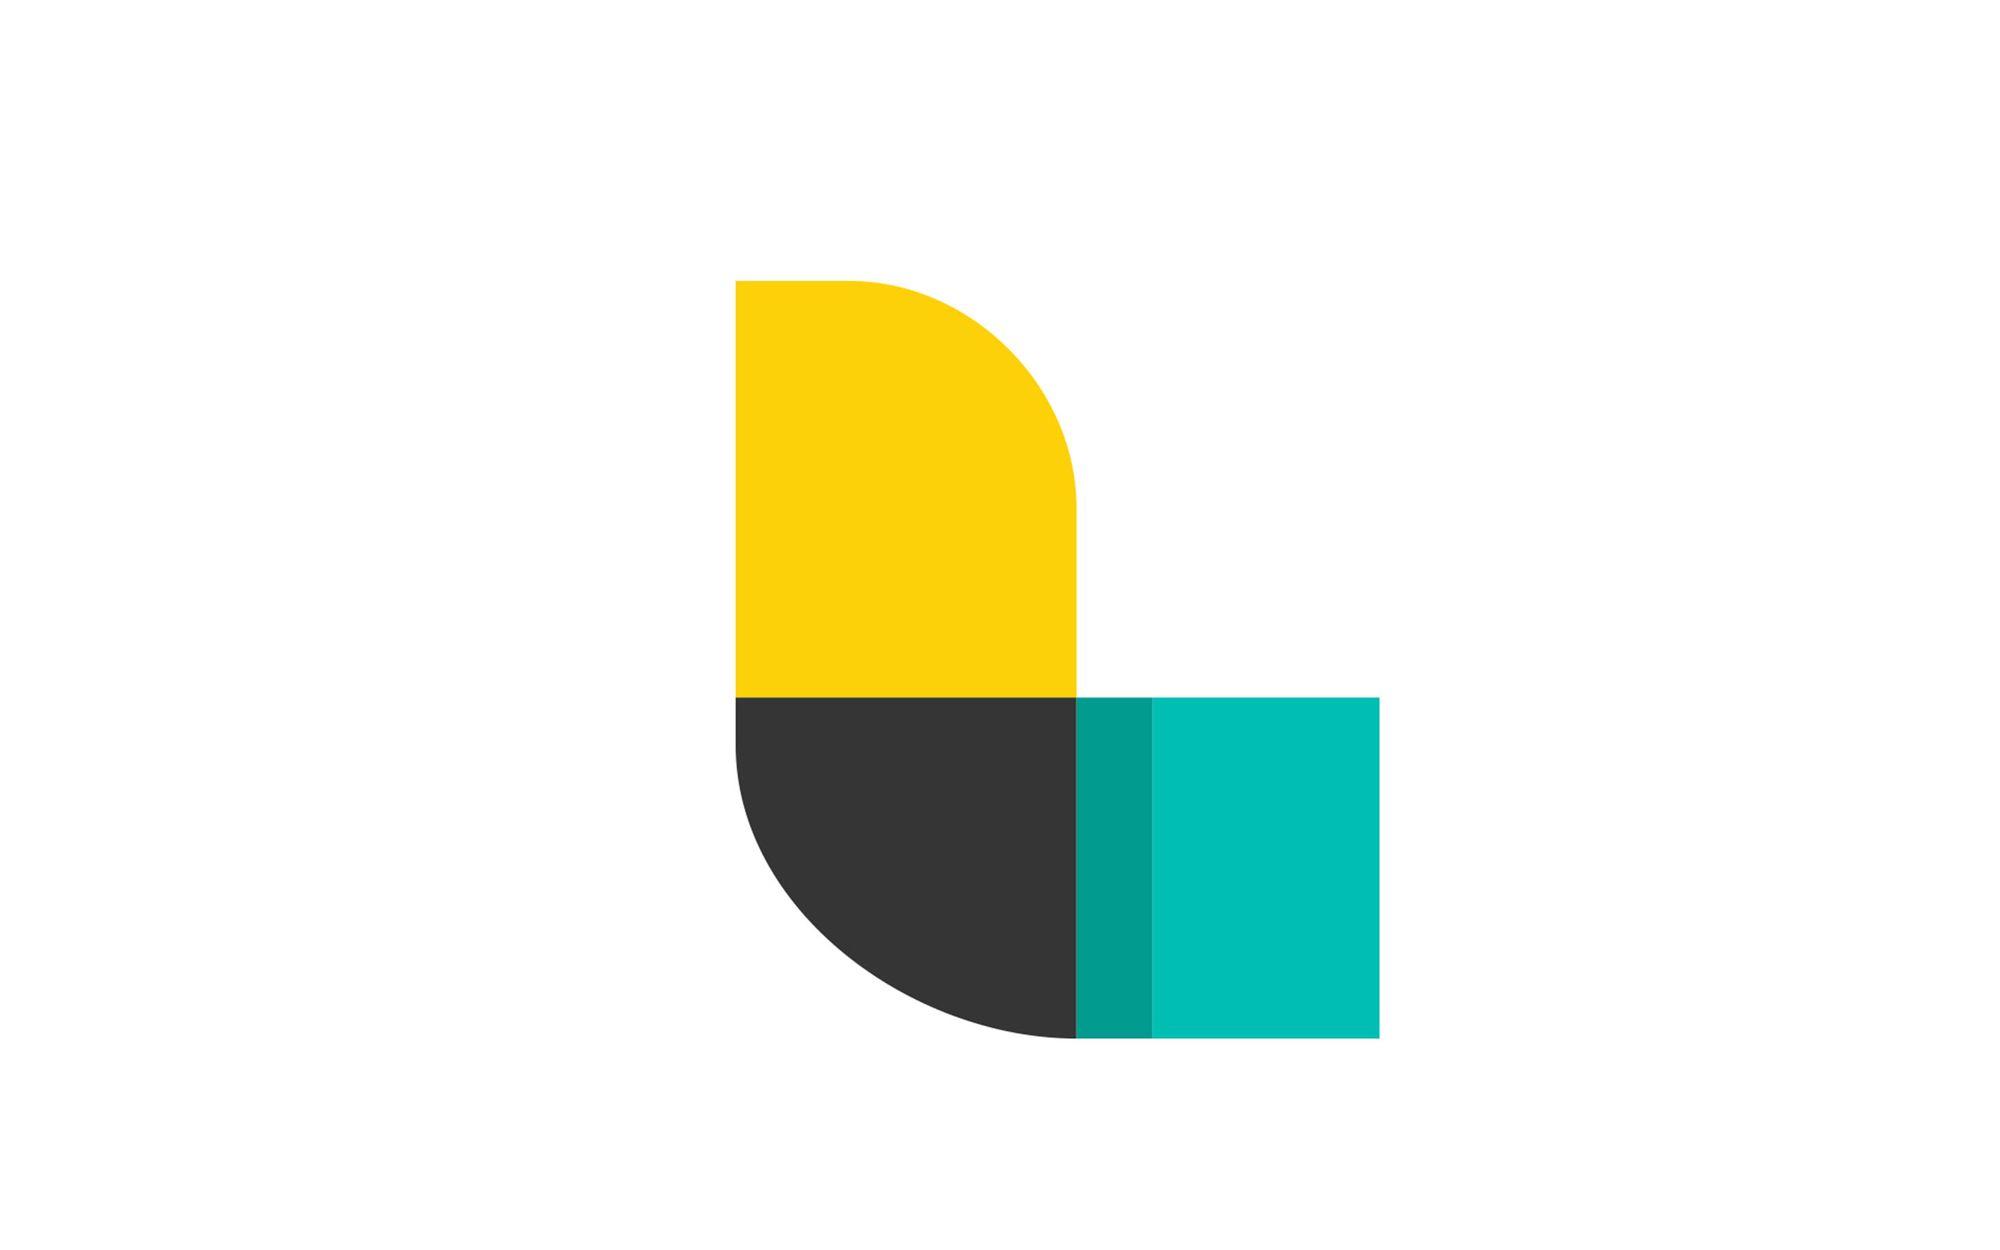 https://cdn.guitang.fun/logstash_logo.jpg